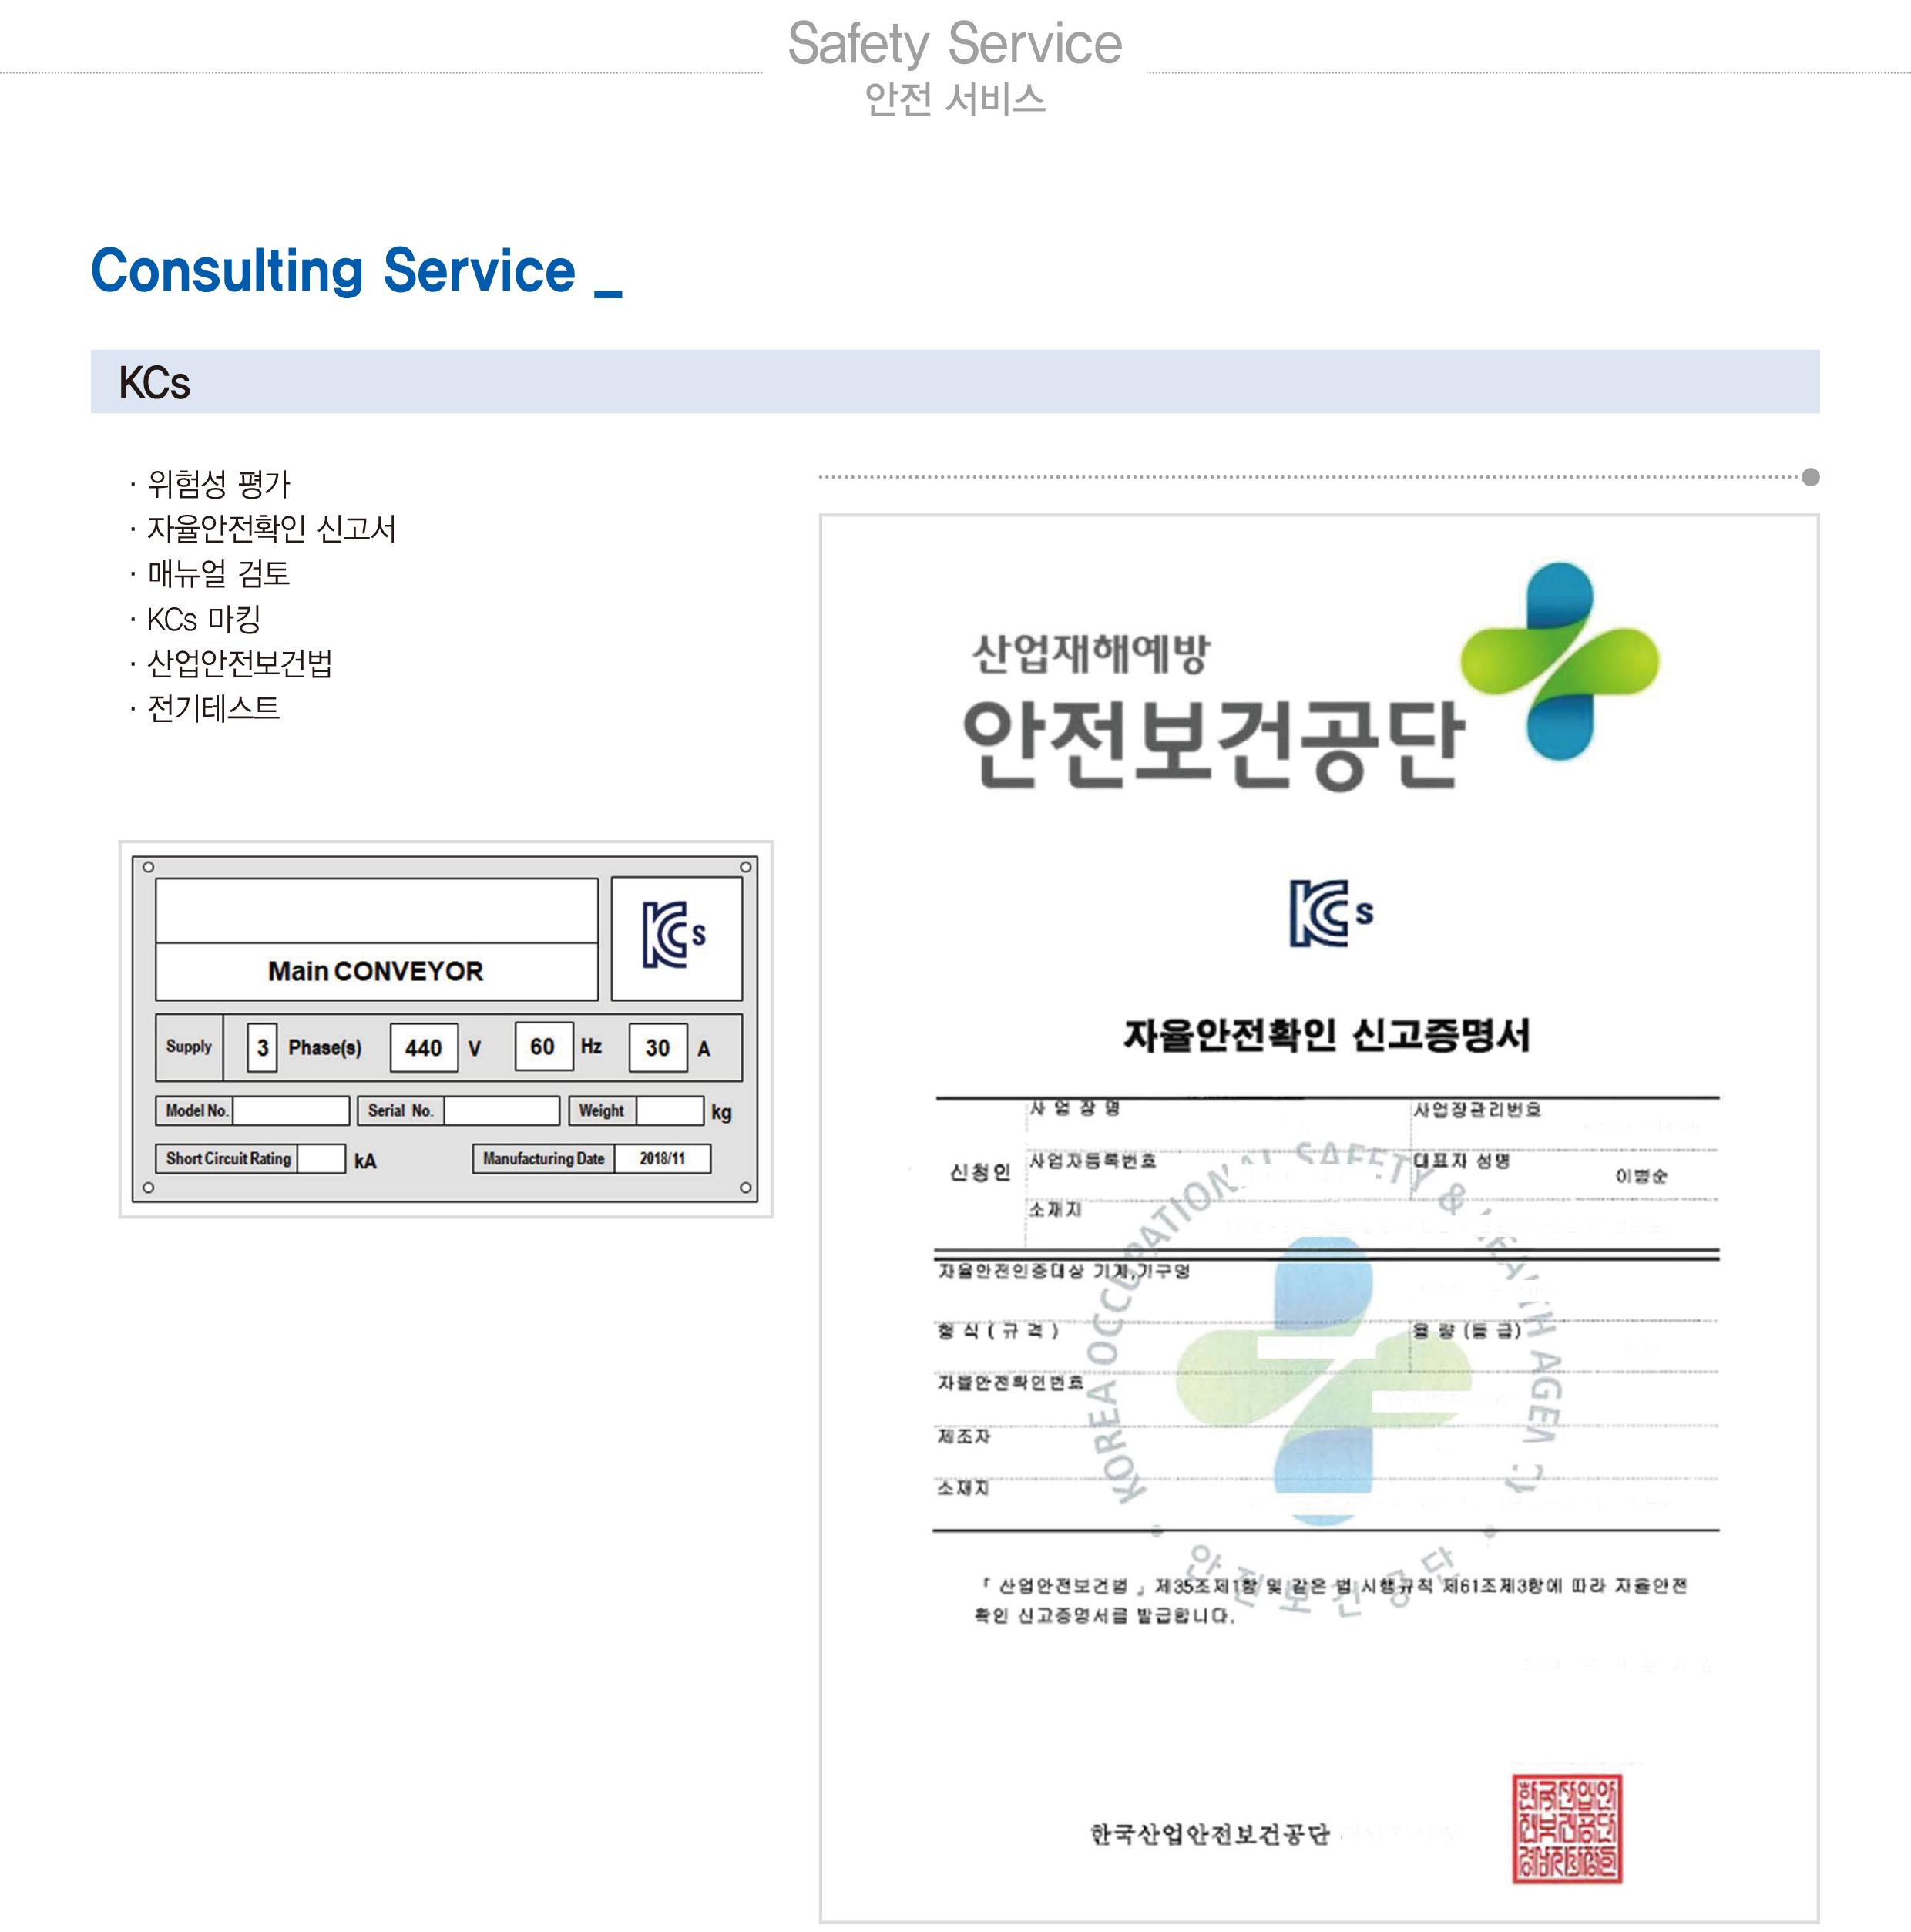 동신테크-01-consulting-5.jpg